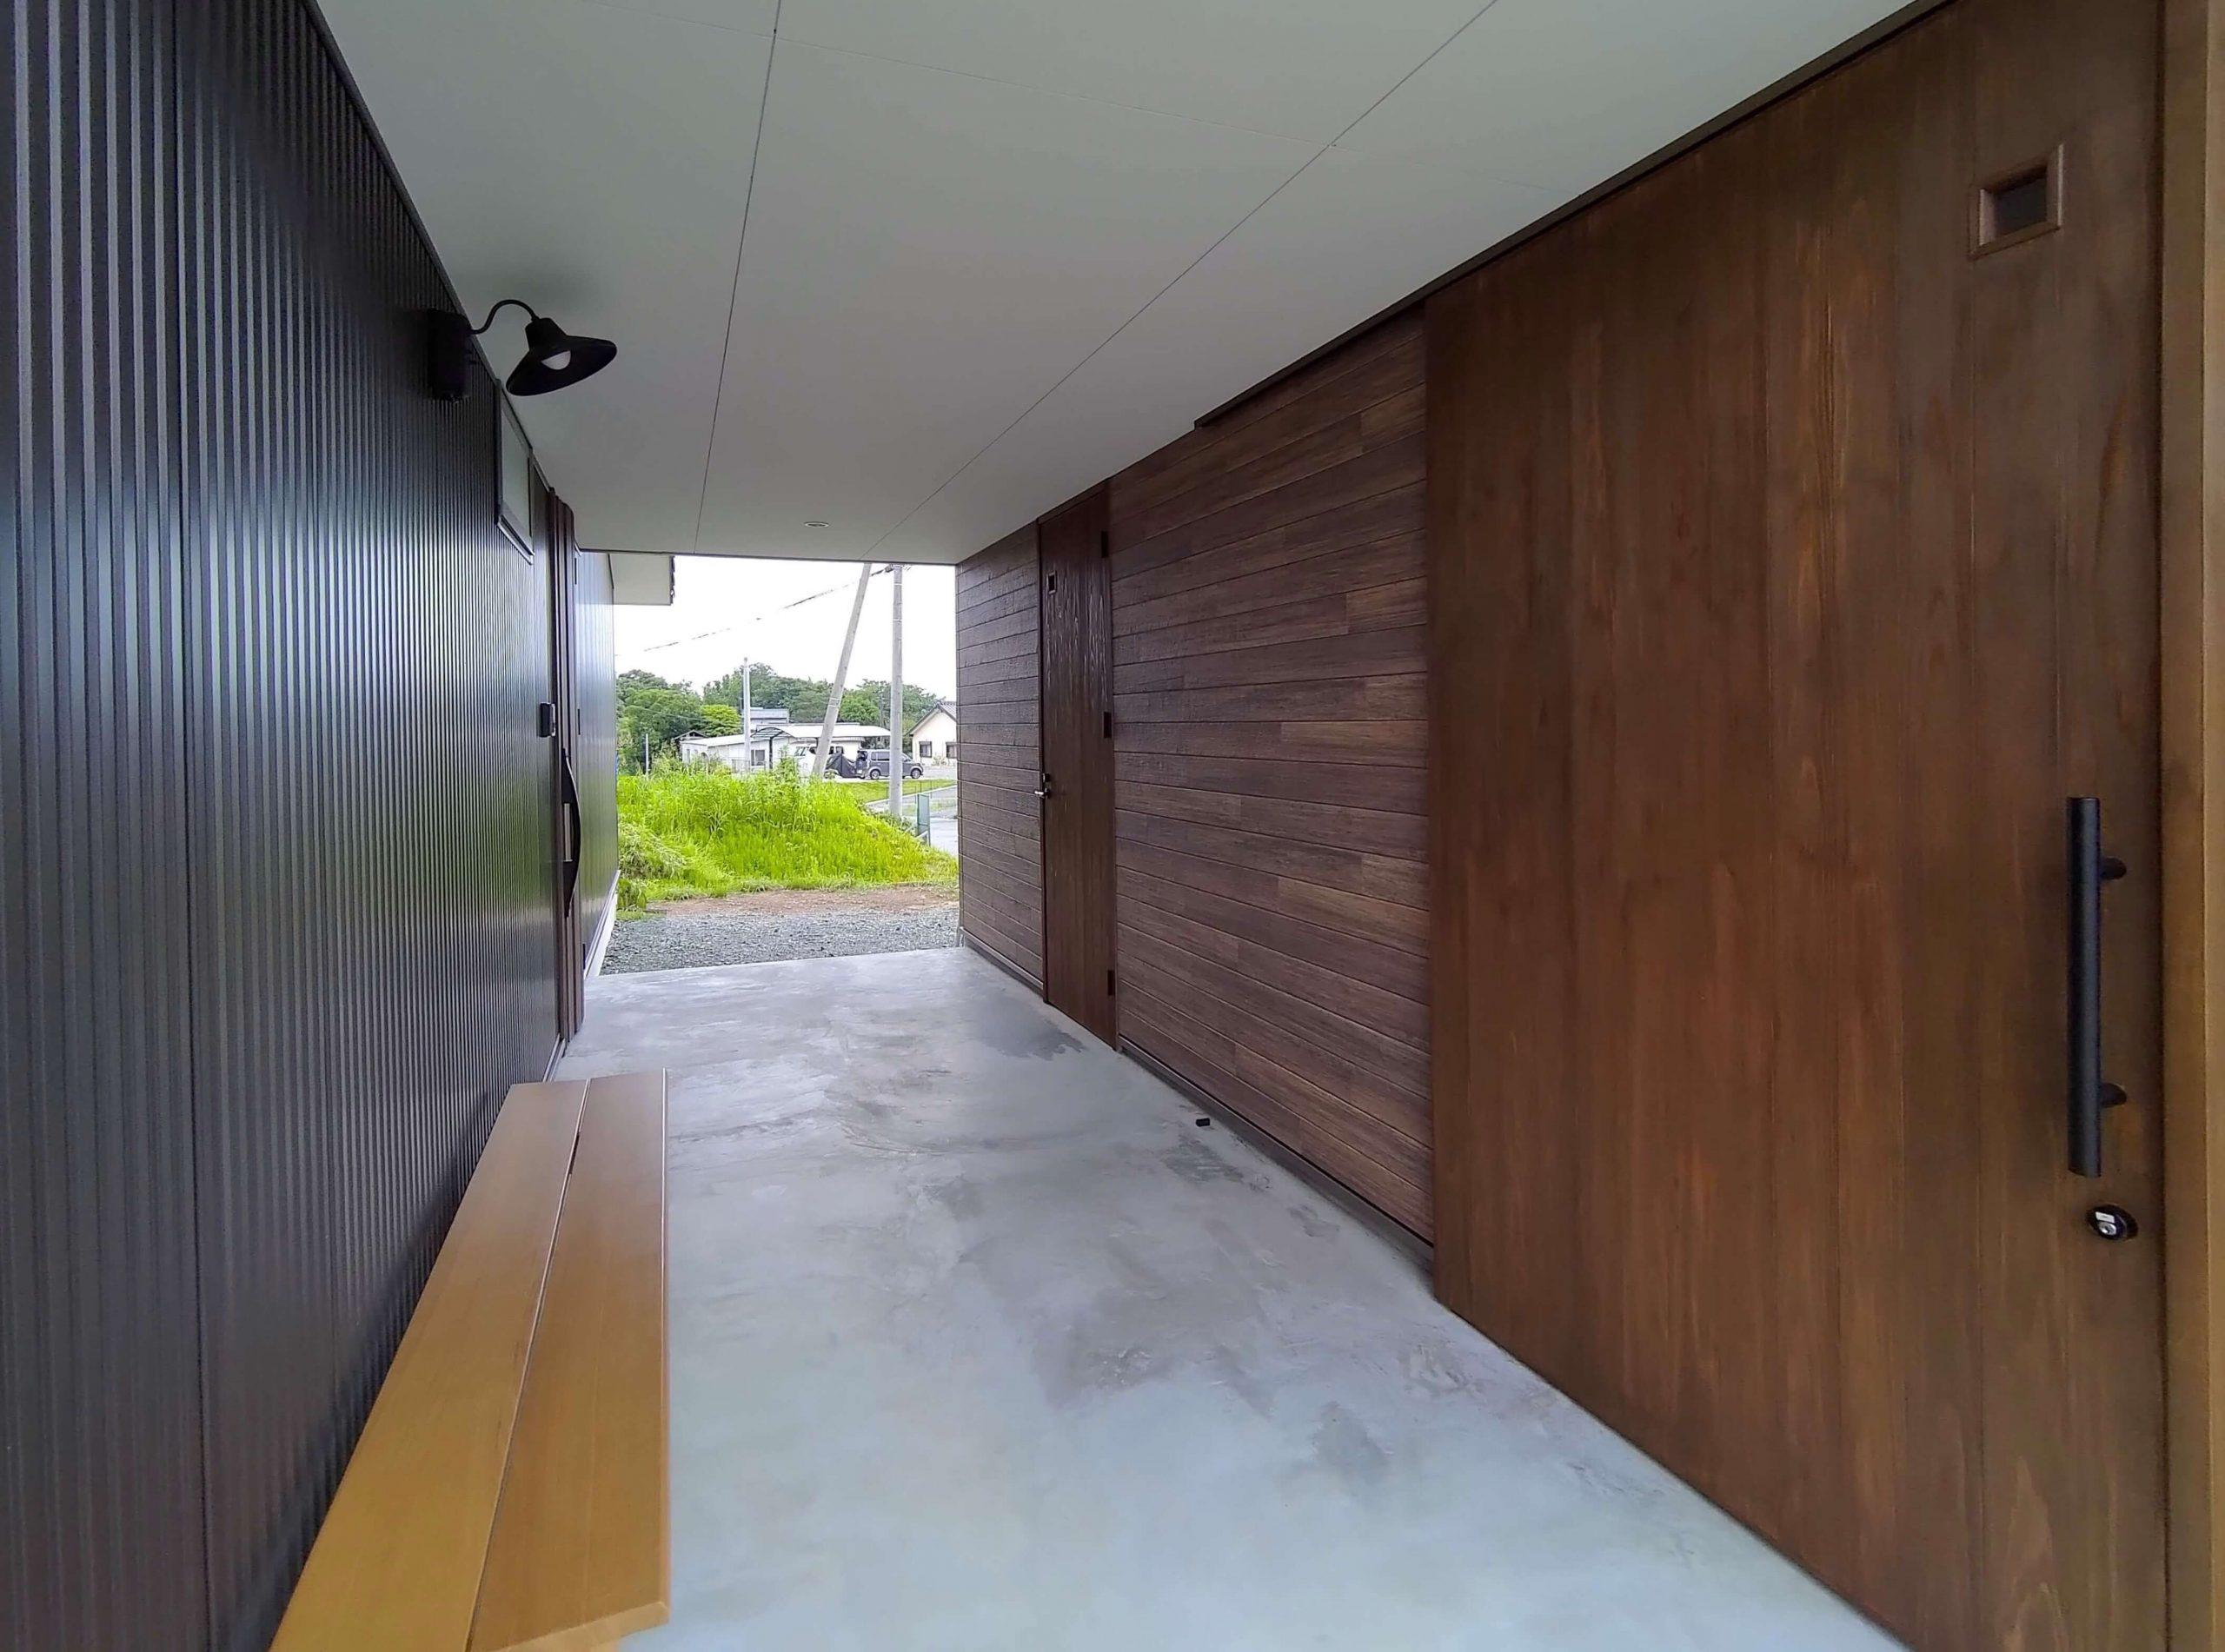 改寄町の住宅:玄関ポーチ